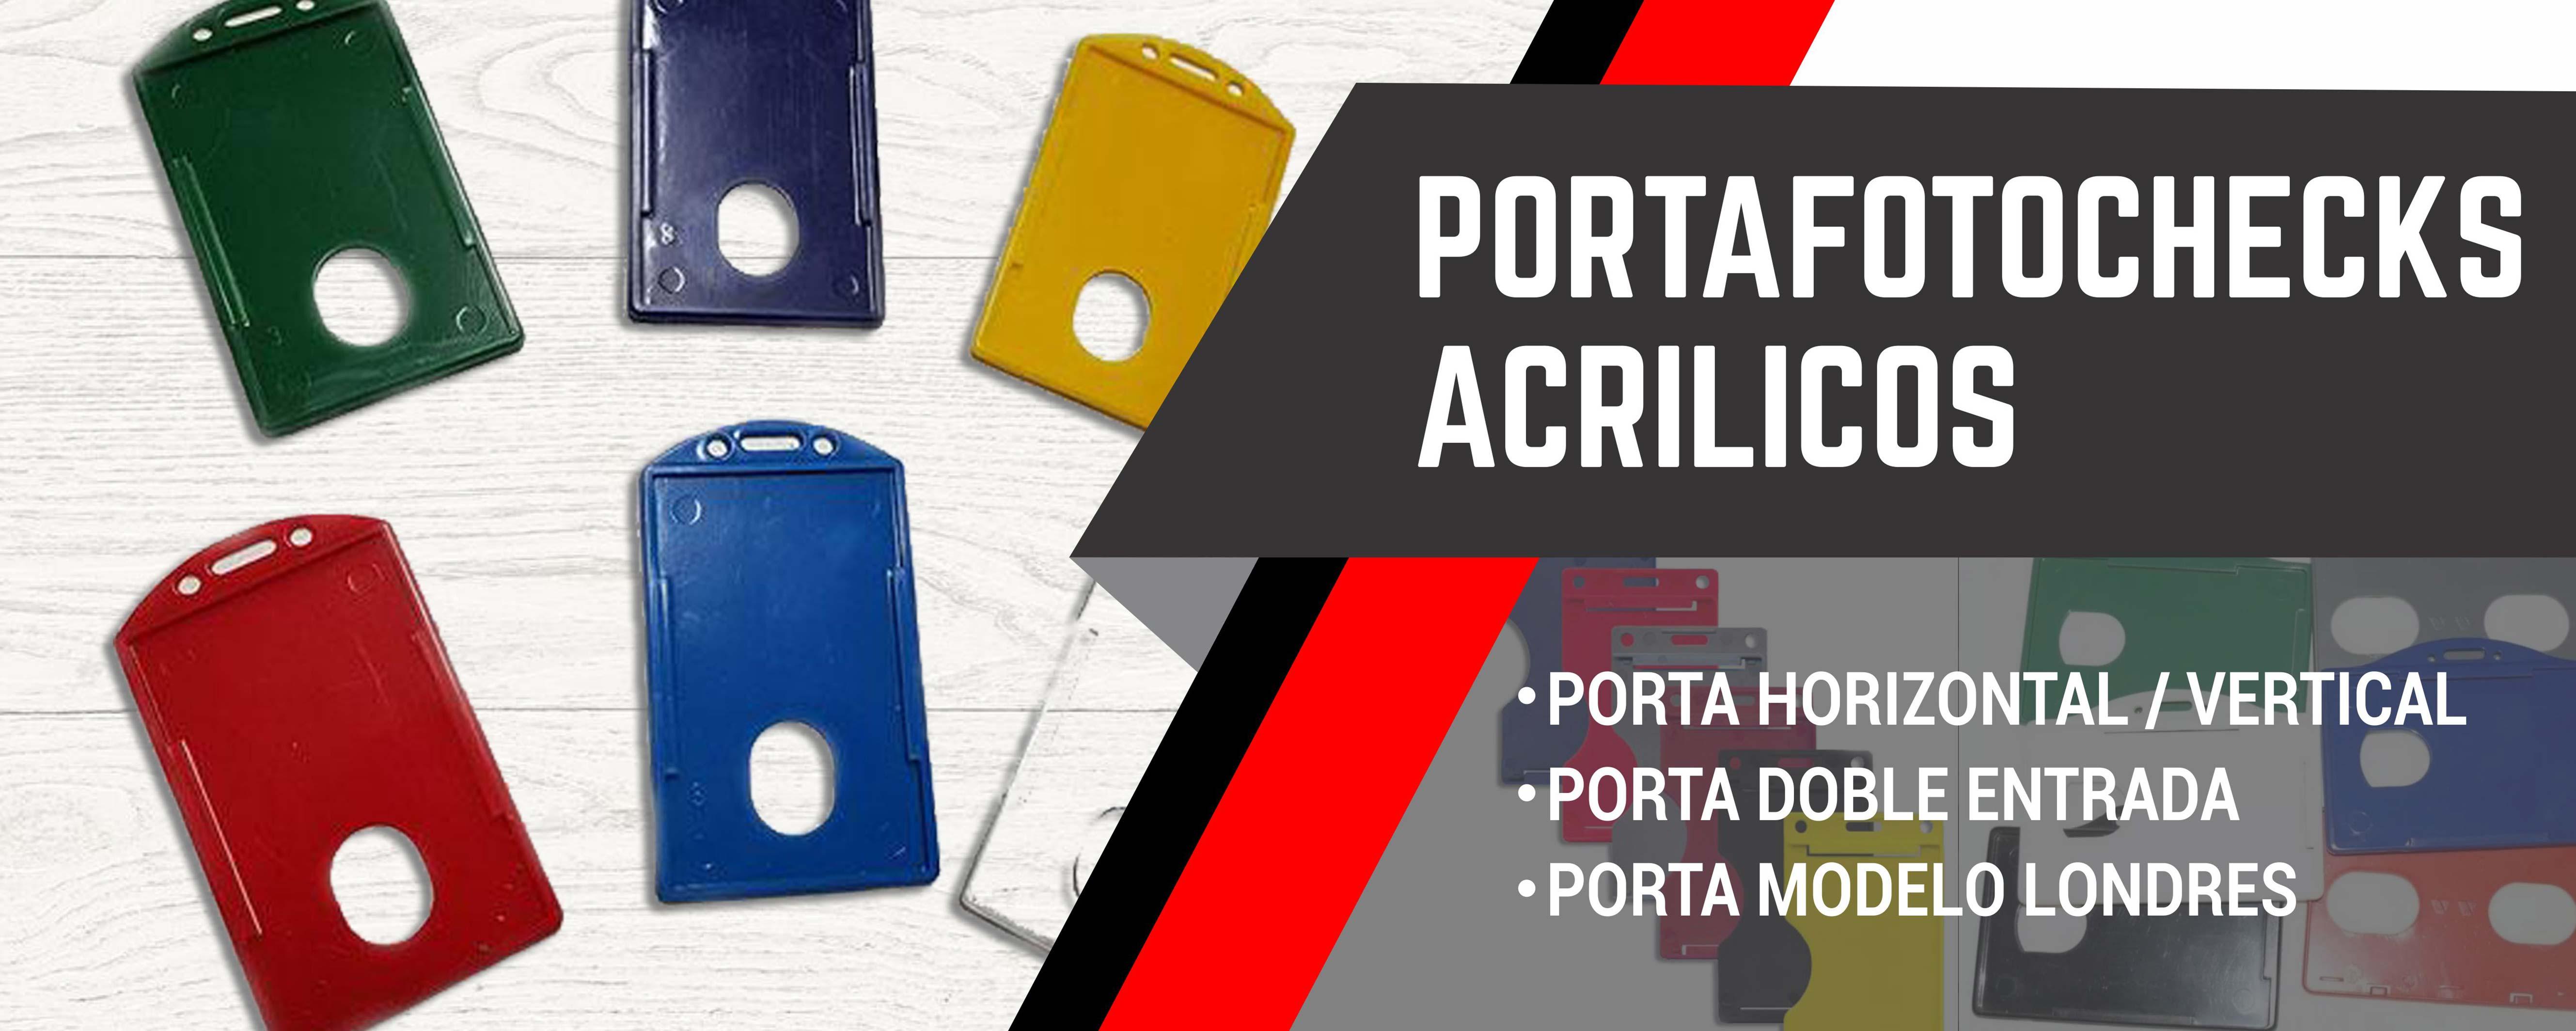 portafotochecks-acrilicos